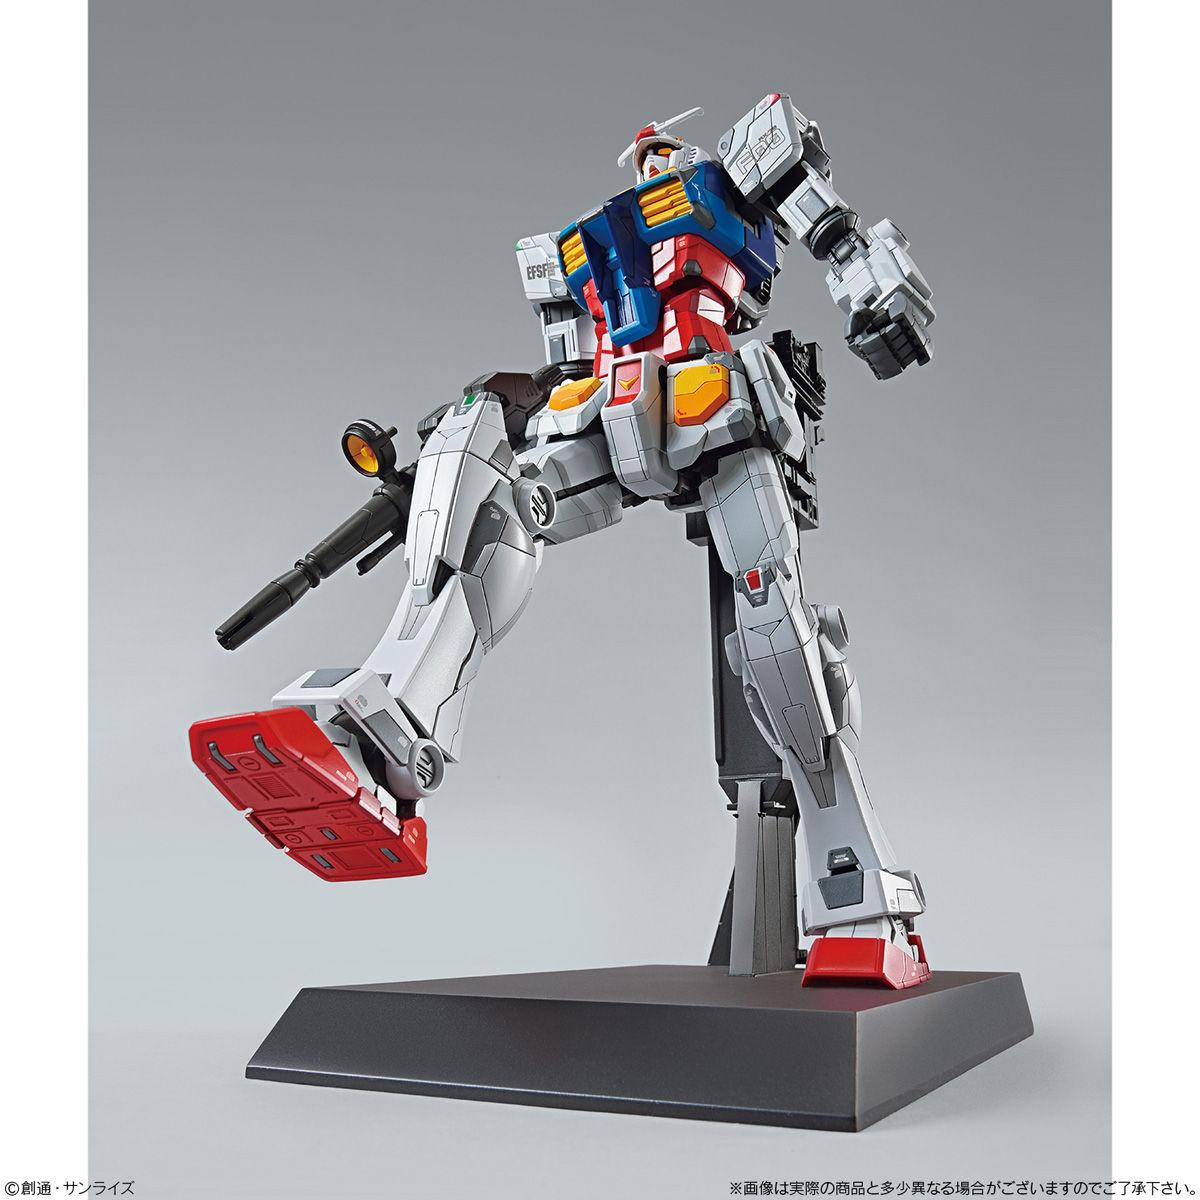 【先行販売】GUNDAM FACTORY YOKOHAMA『RX-78F00 ガンダム』1/100 プラモデル-009